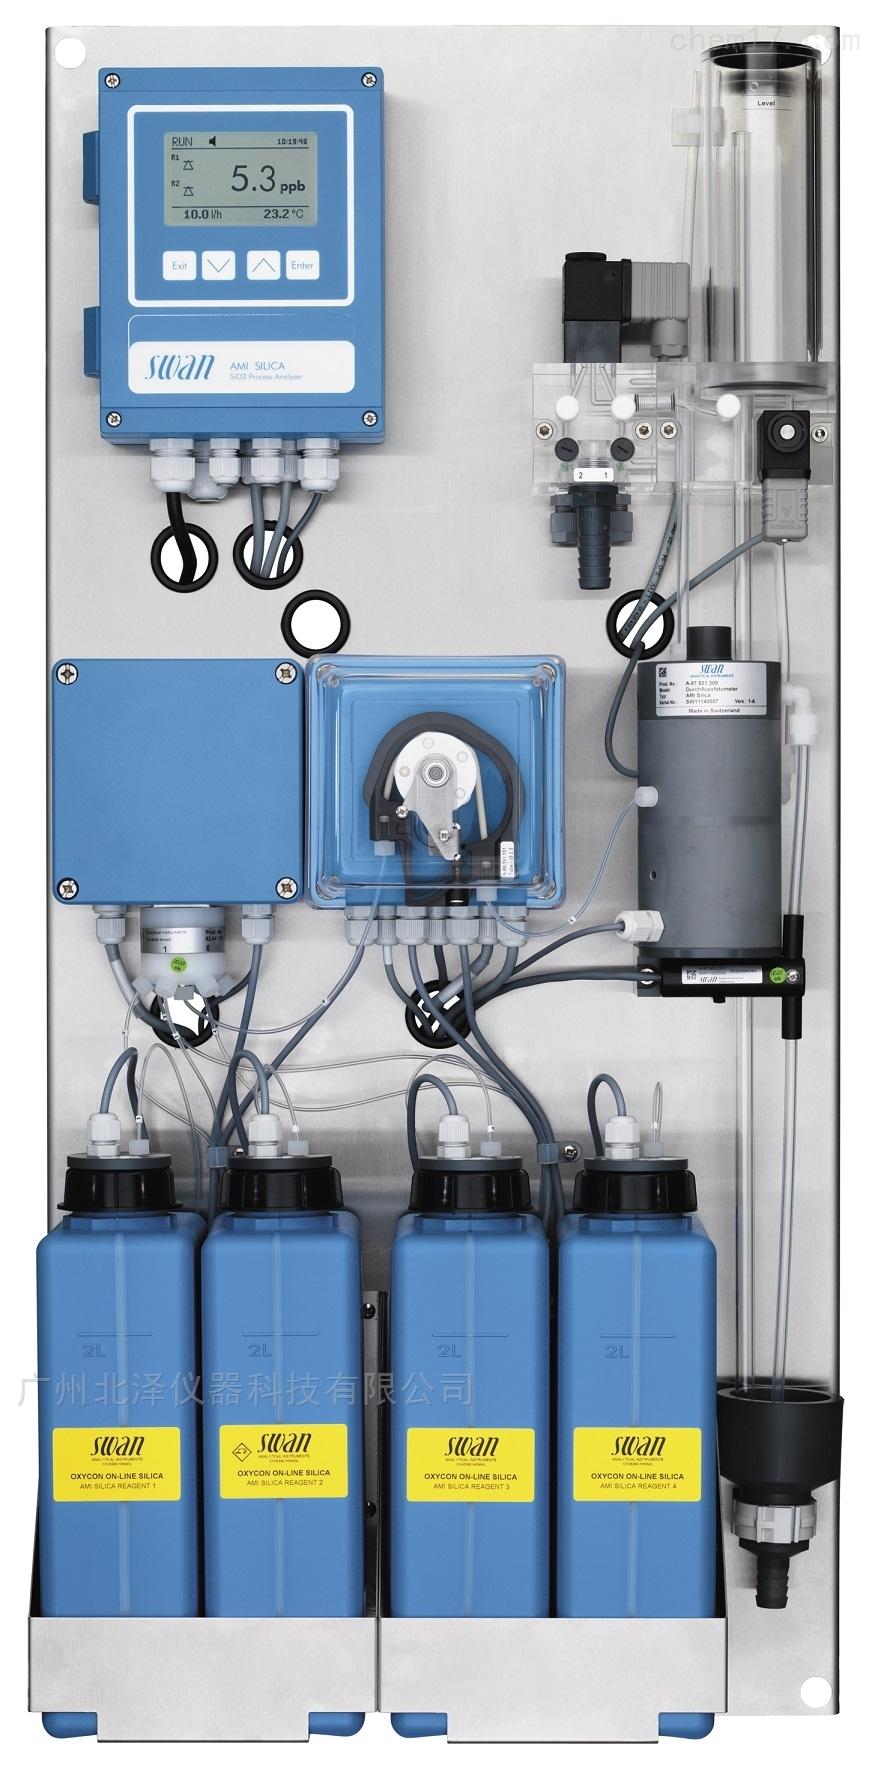 硅表試劑CNA-85.420.560